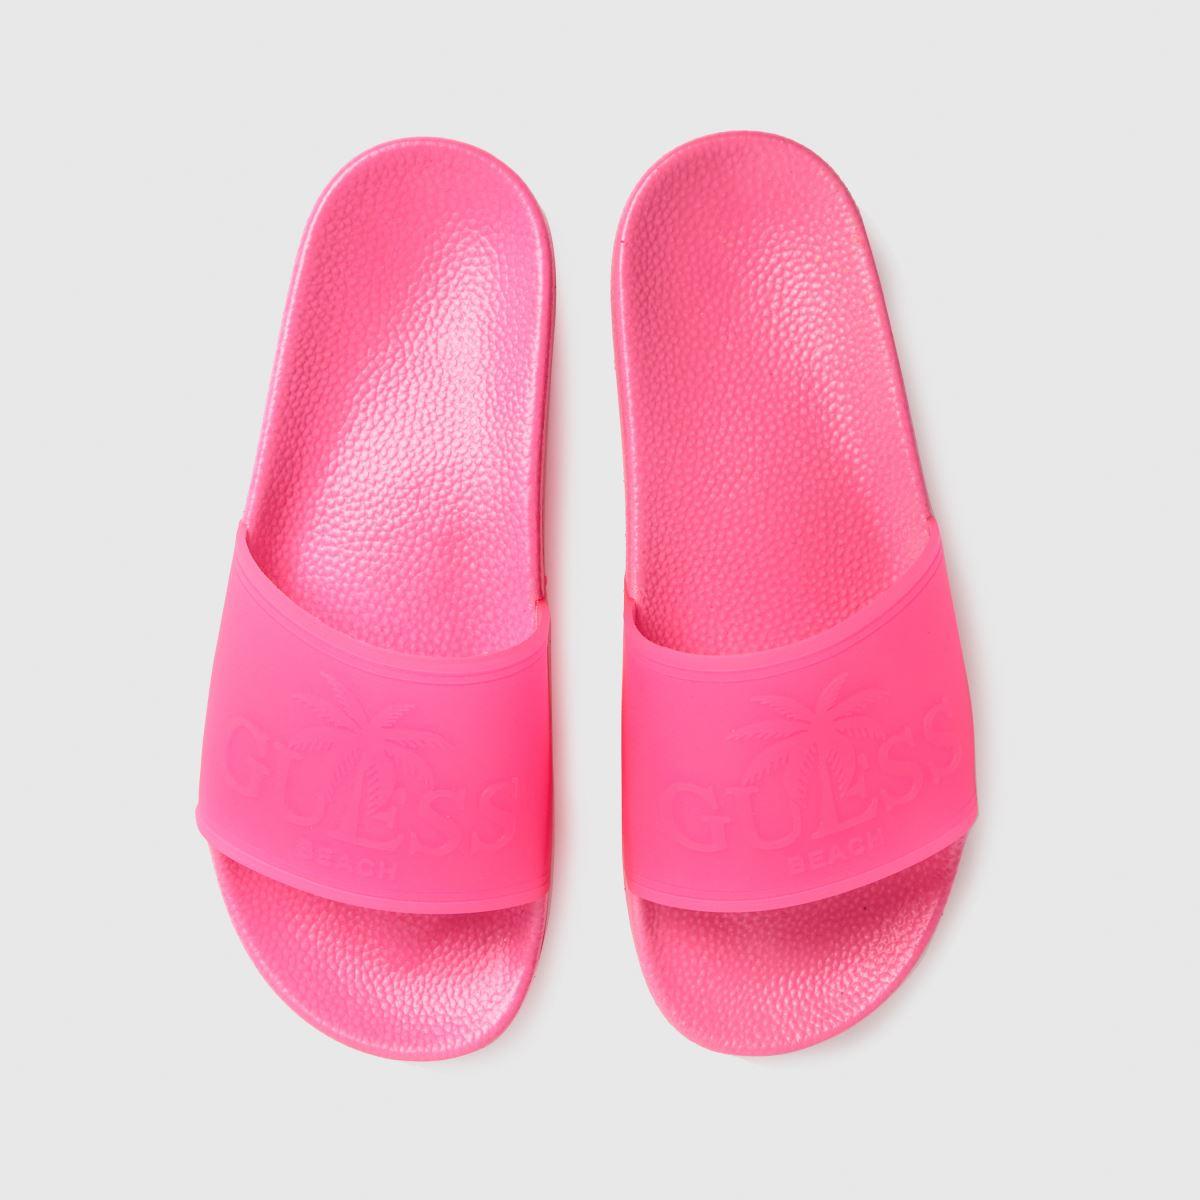 GUESS Pink Beach Slide Sandals